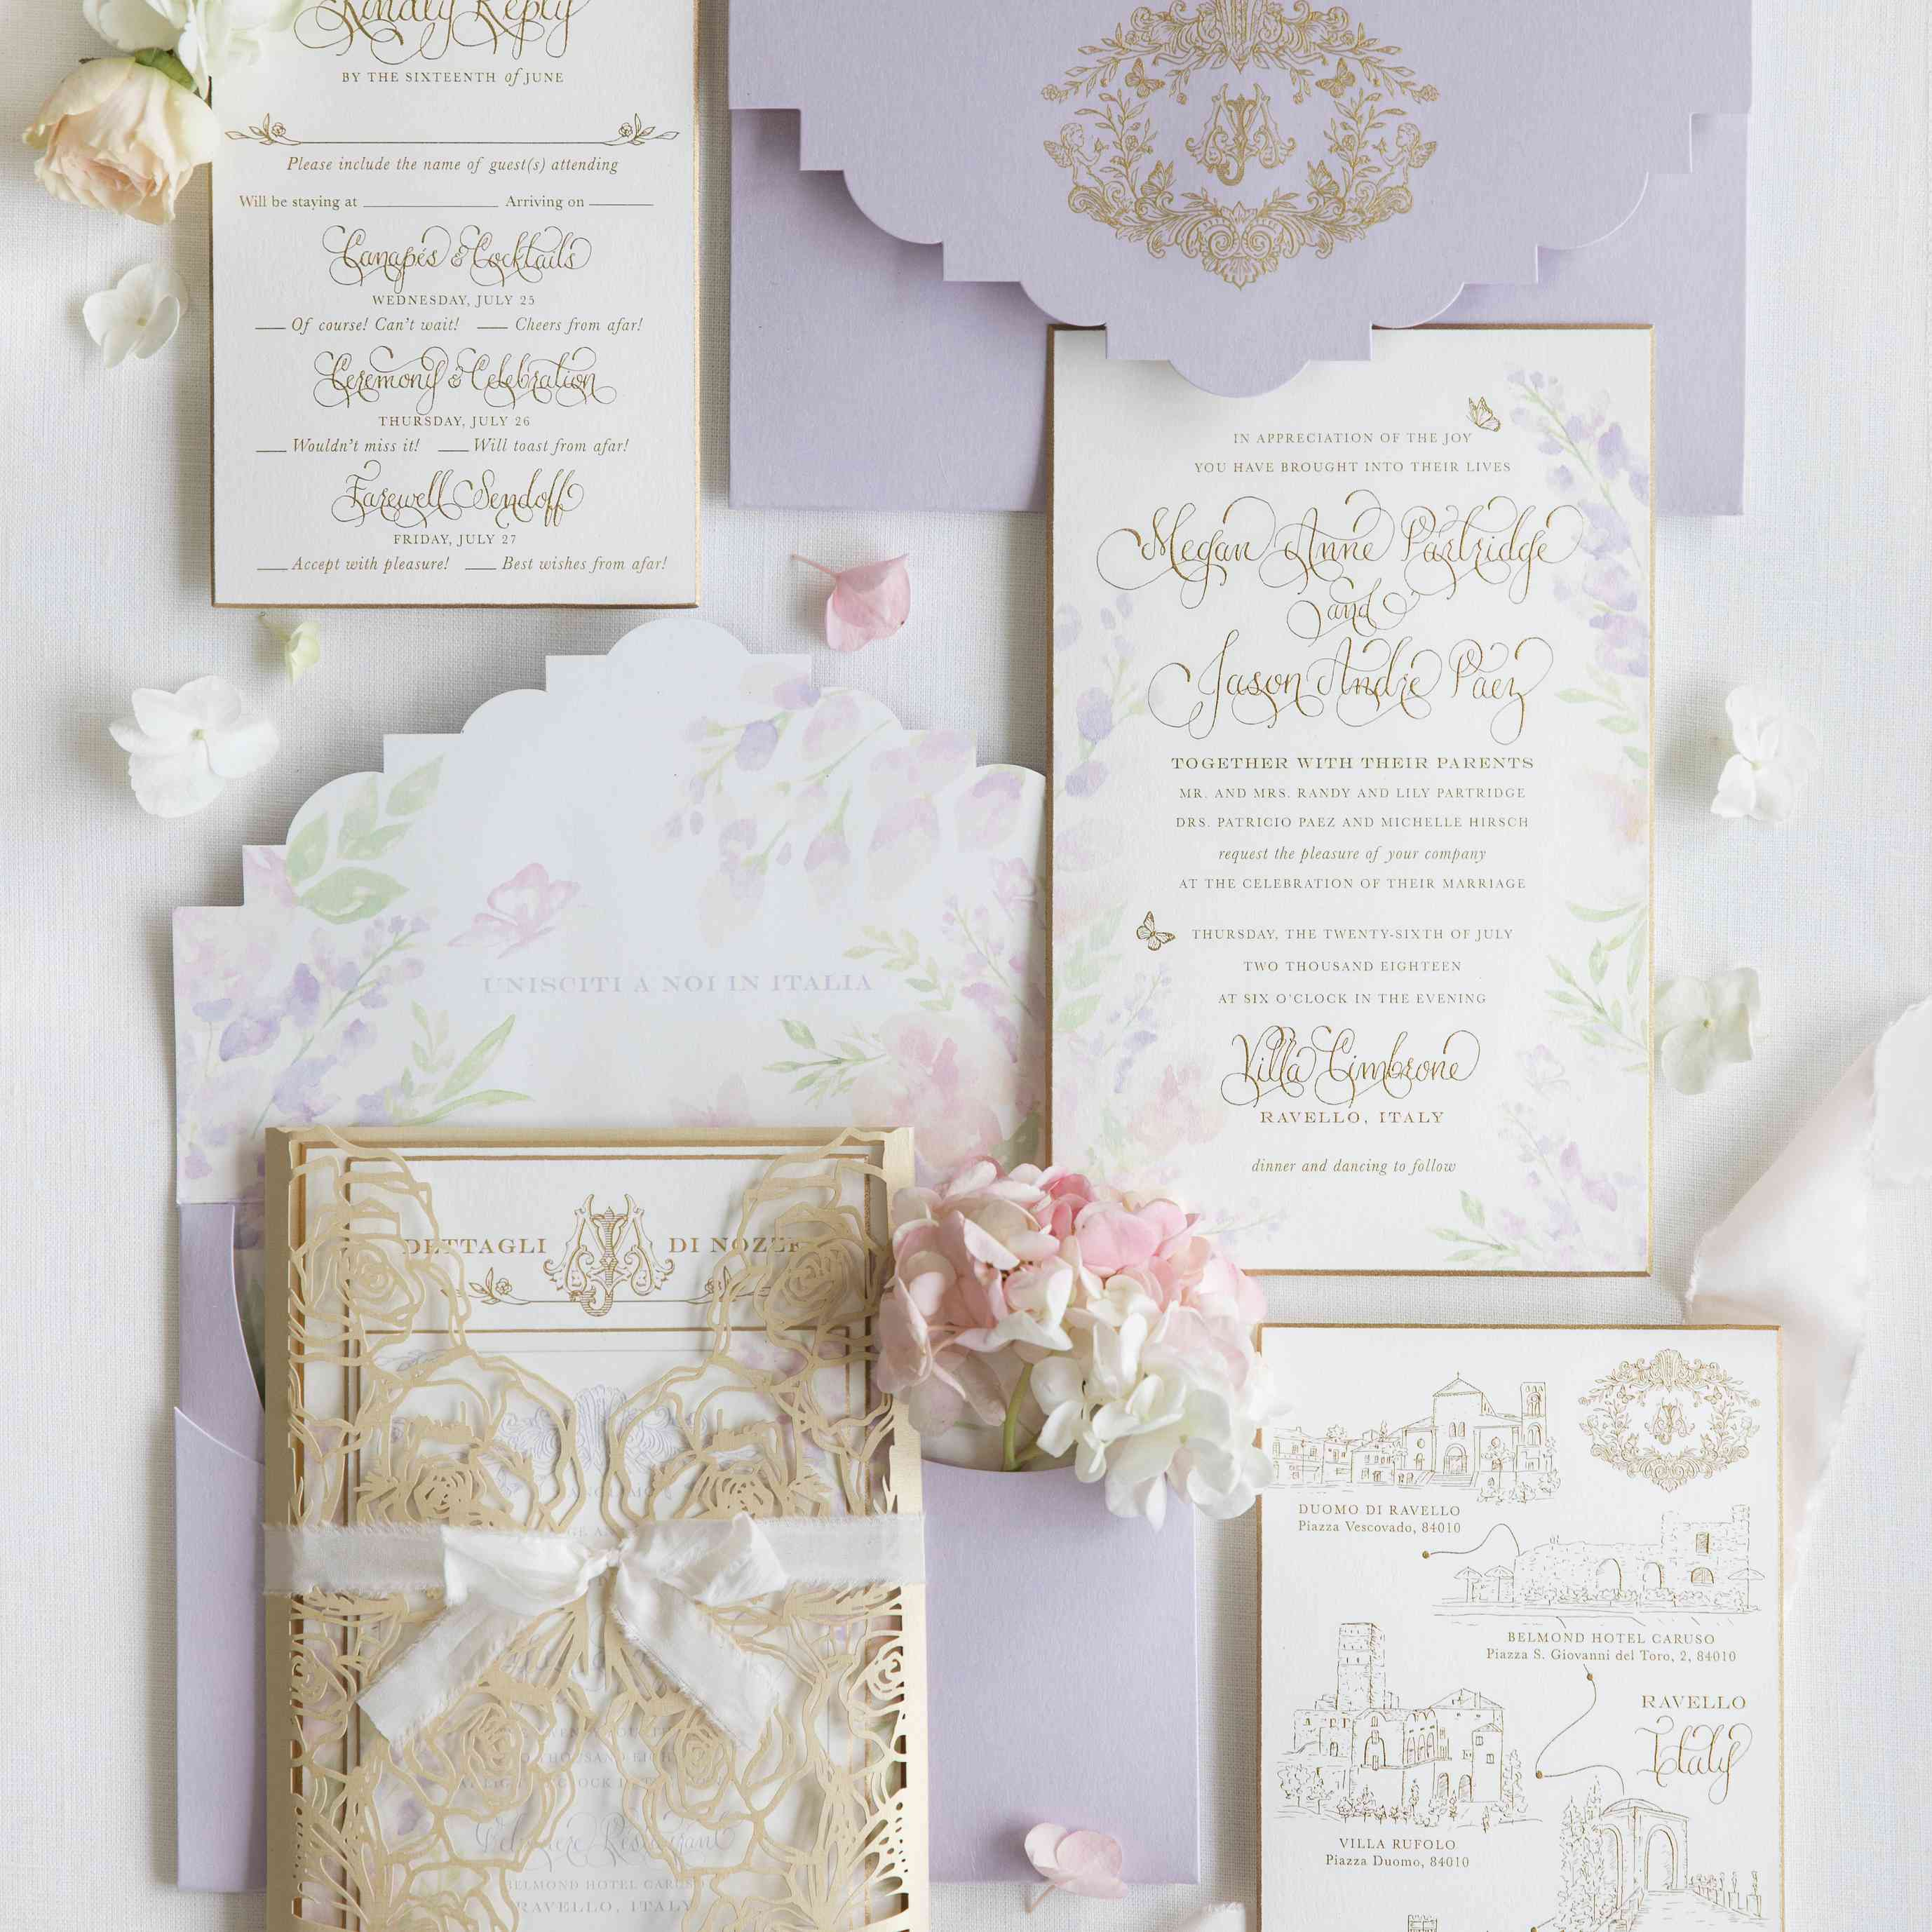 27 unique wedding invitation ideas for